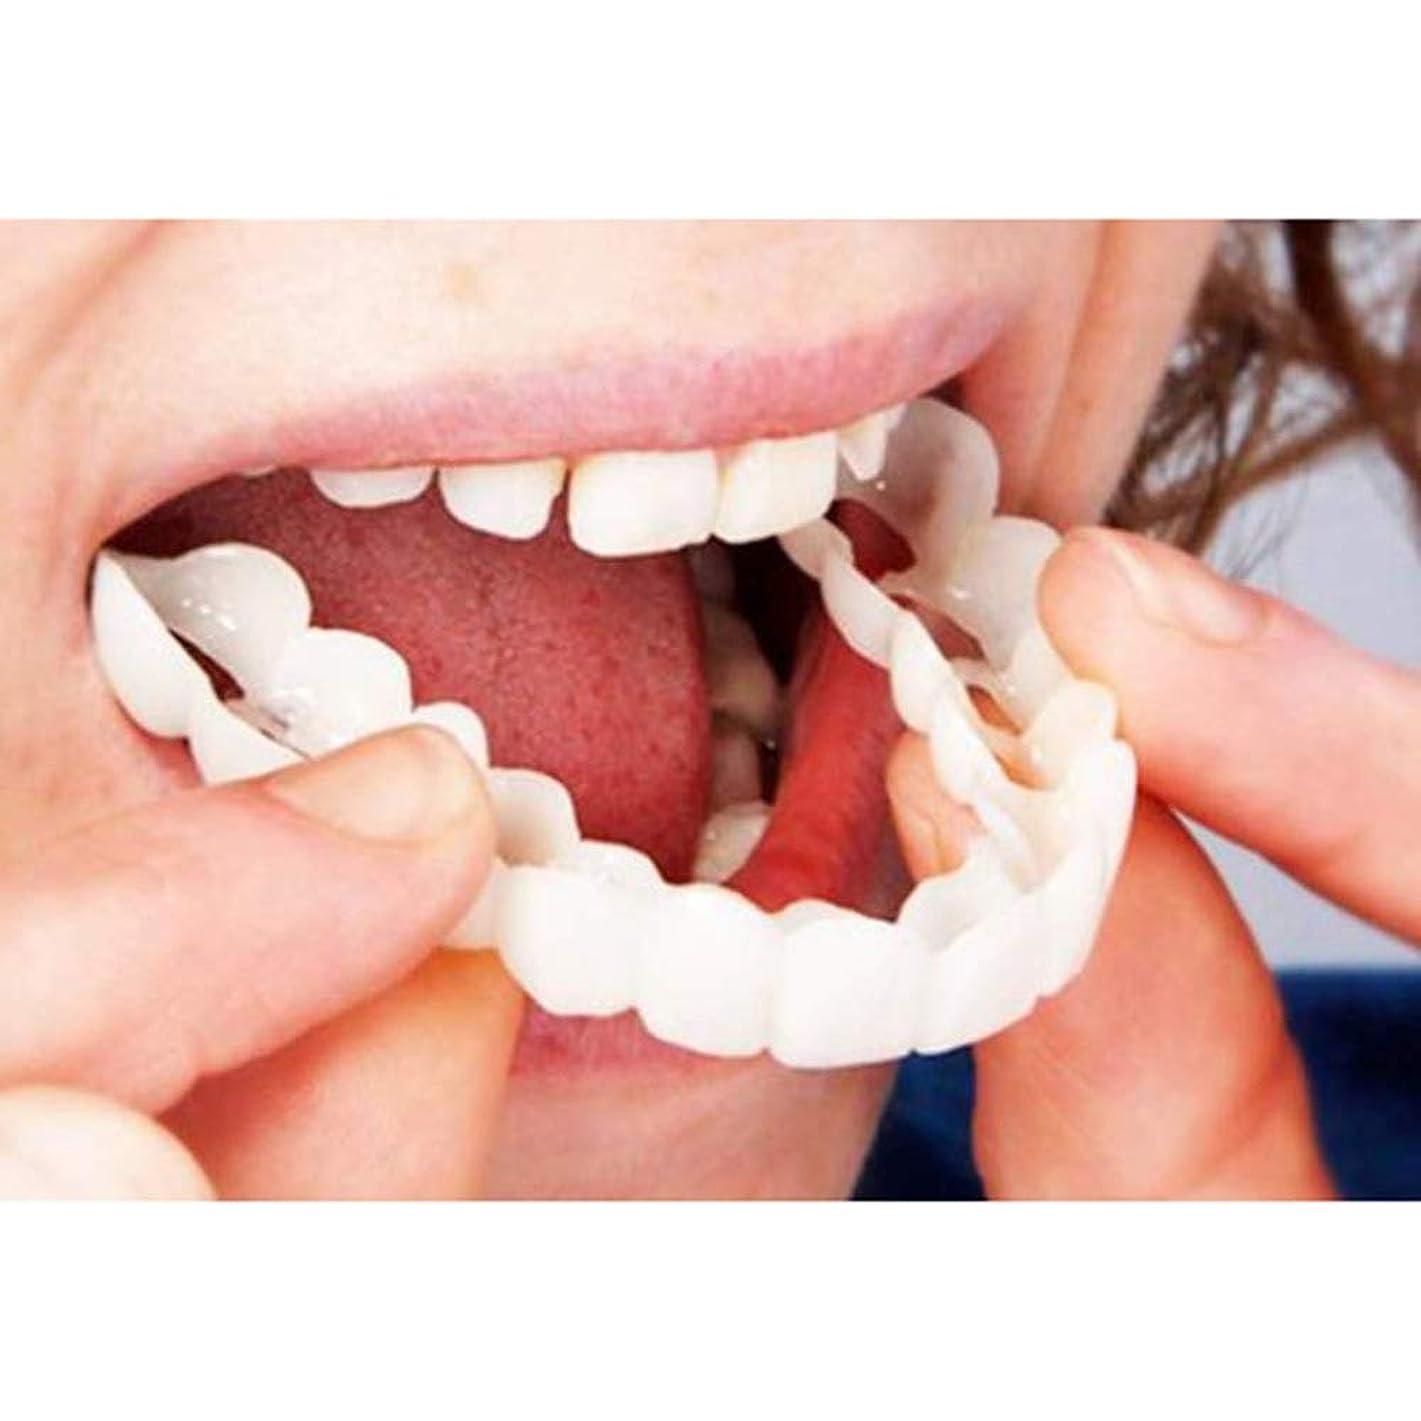 健康素晴らしさ苦しみ化粧品の歯、5個スナップインスタントスマイルアッパーベニアコンフォートフィットフレックス化粧品の歯ワンサイズフィット最も快適な義歯